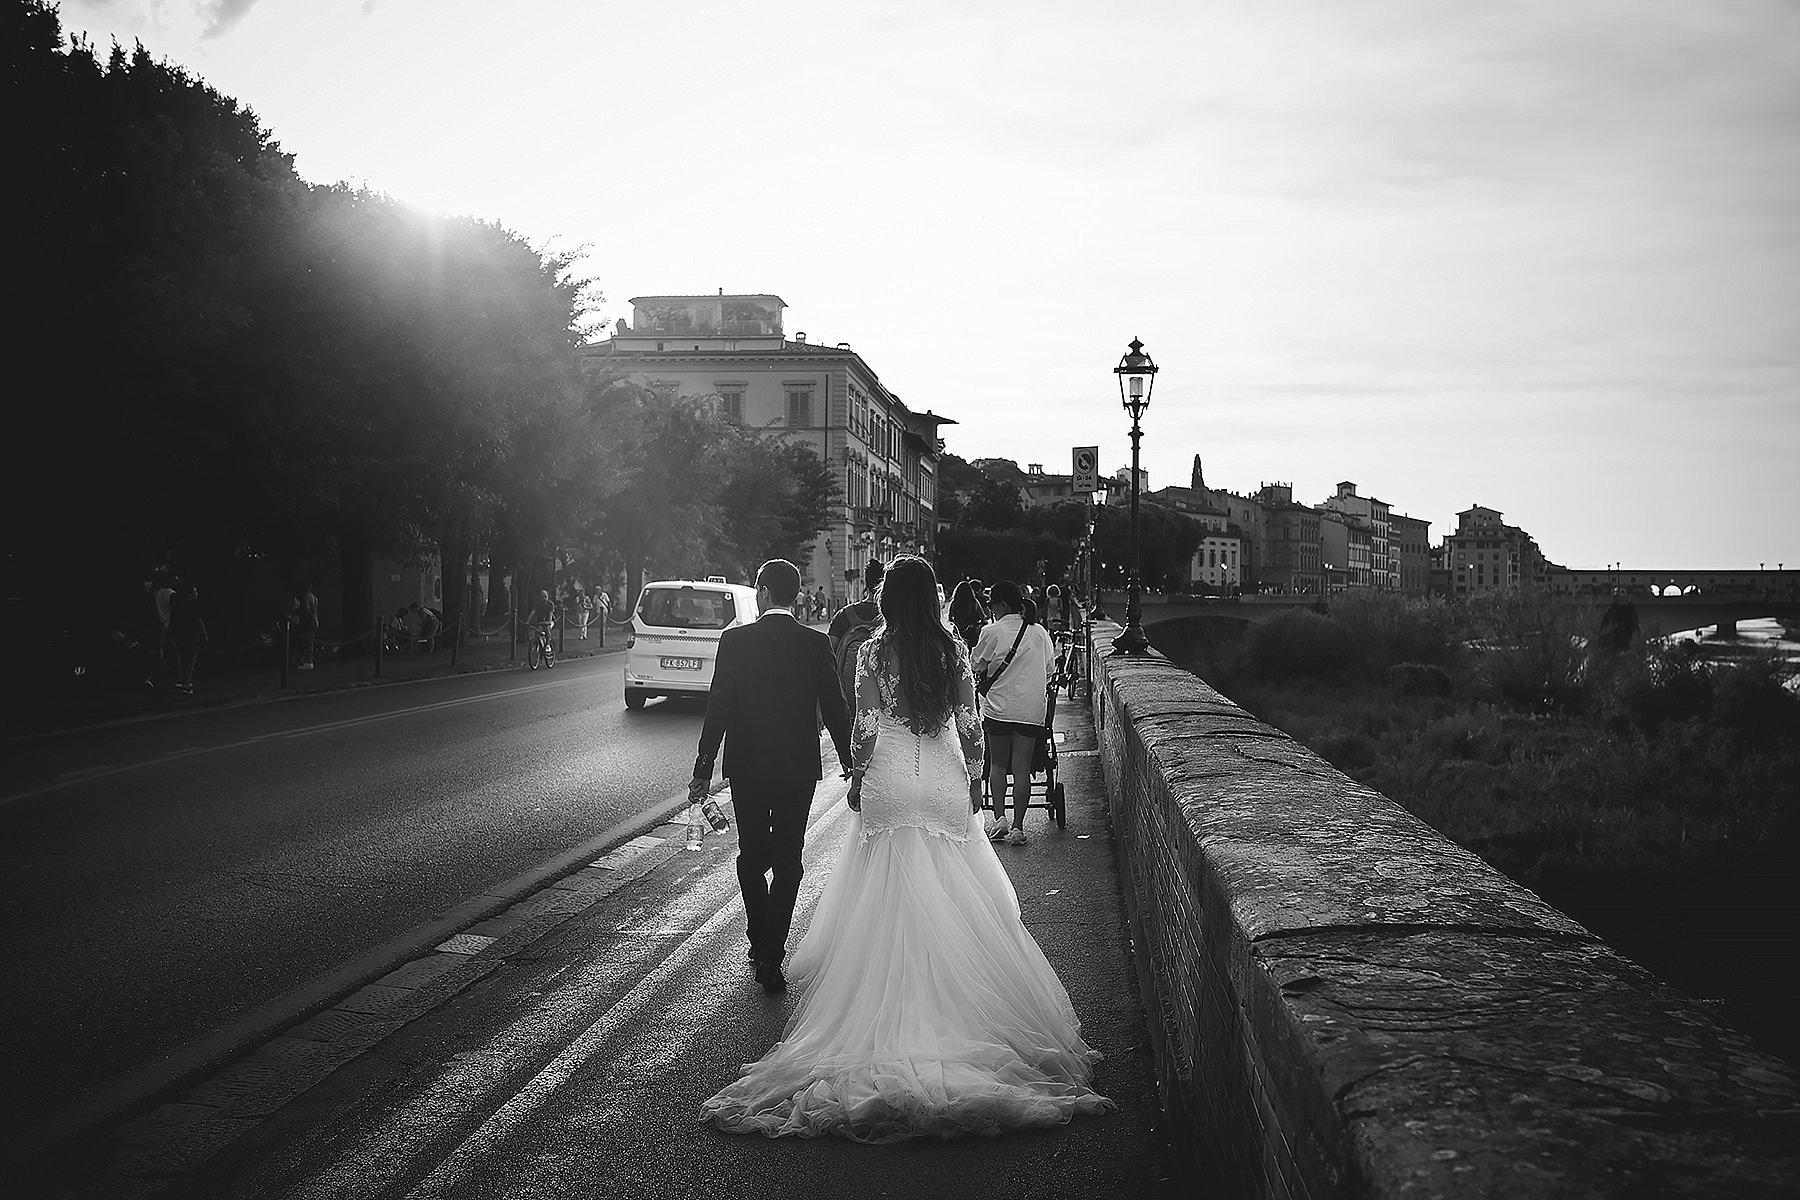 foto artistica in bianco e nero di sposi mantre camminano a Firenze sui lungarni